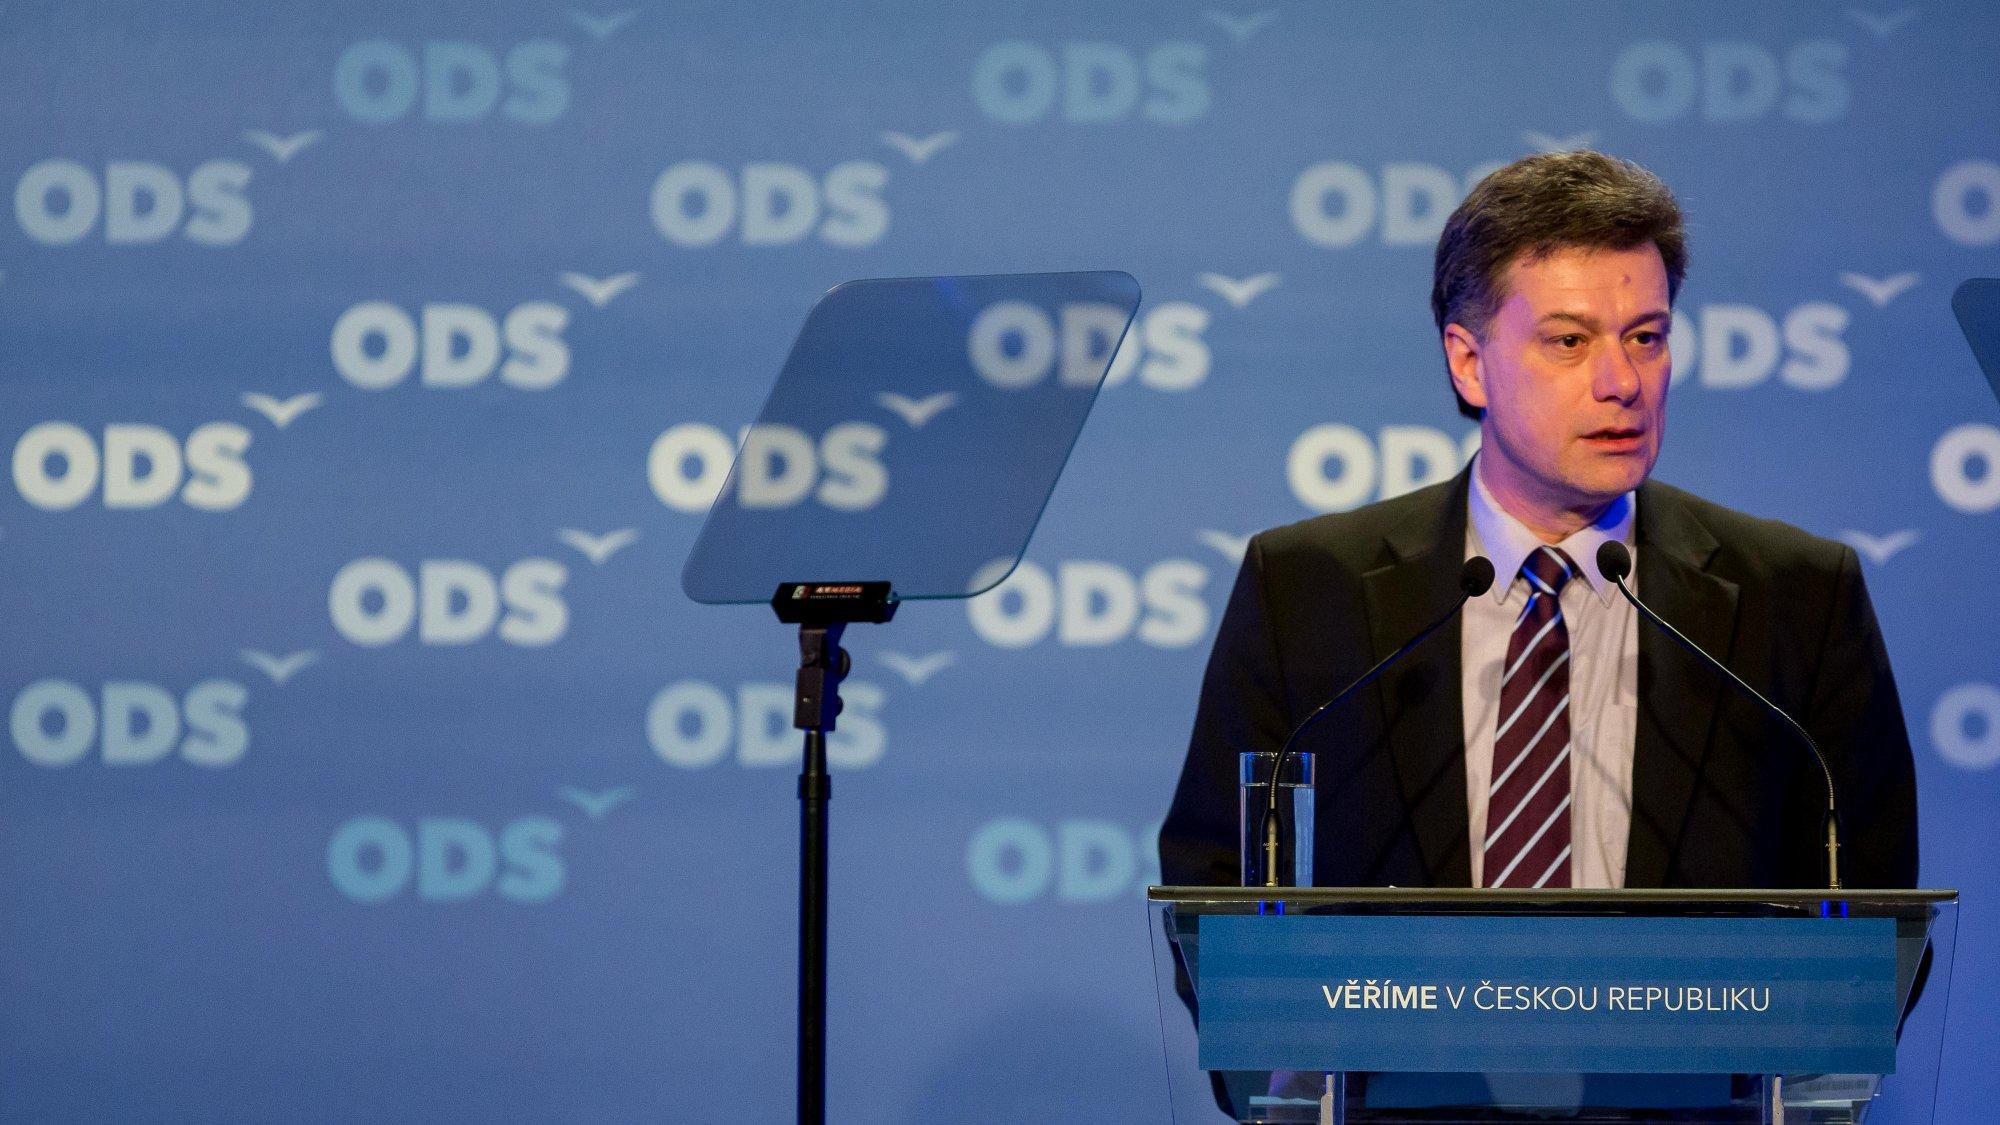 INFO.cz: Nejhorší je říkat, že nám všichni páchnou. Vyloučená je jen koalice s komunisty a Okamurou